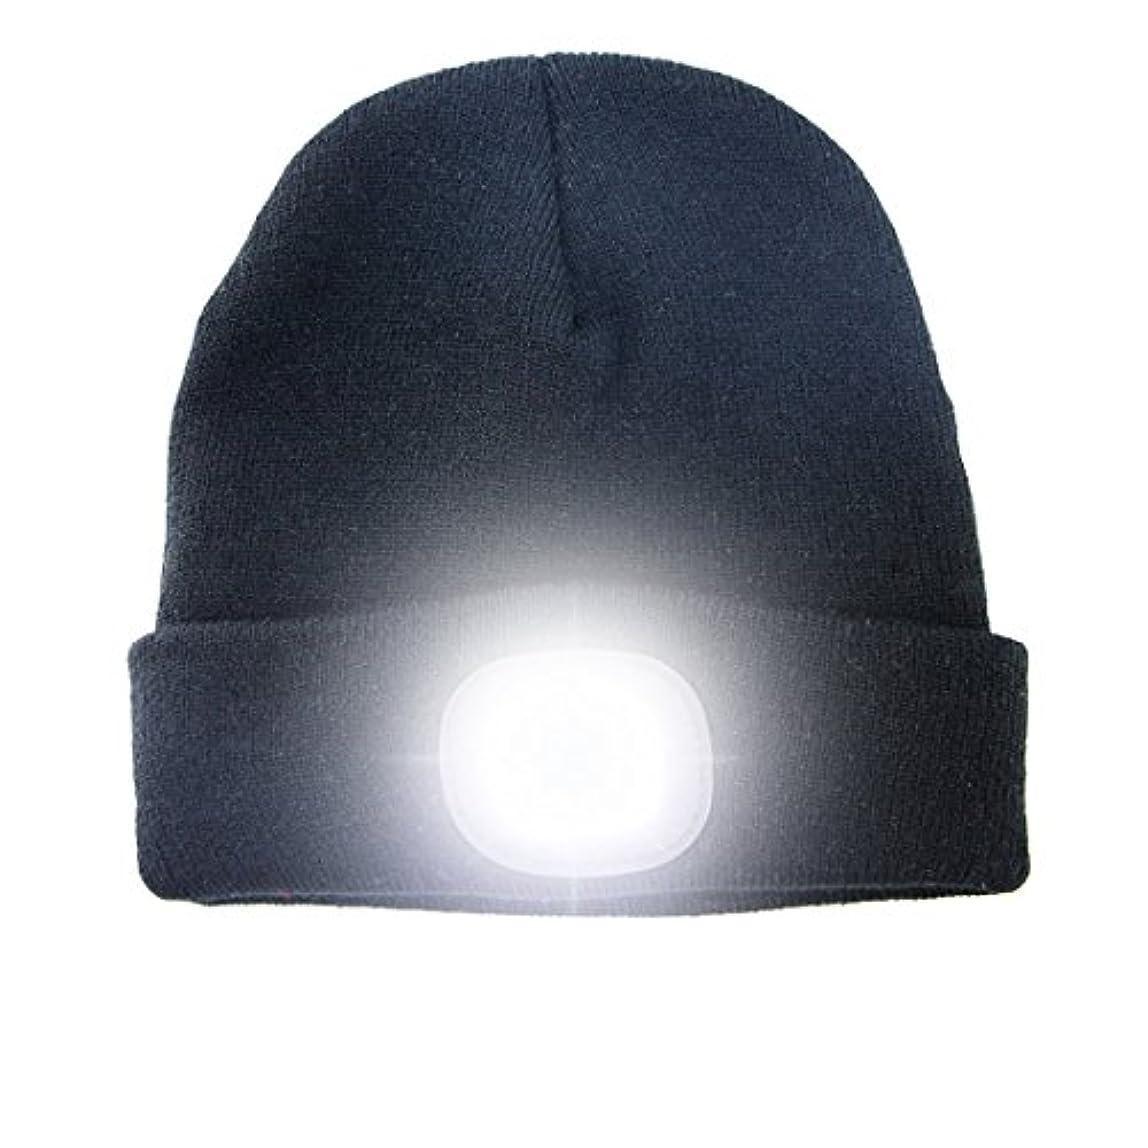 やろう征服する不均一LLY 男女兼用 暖かい明るいLED照明付きビーニー帽 ヘッドランプ 充電式冬用暖かいニット帽 男性、女性、狩猟、キャンプ、グリル用